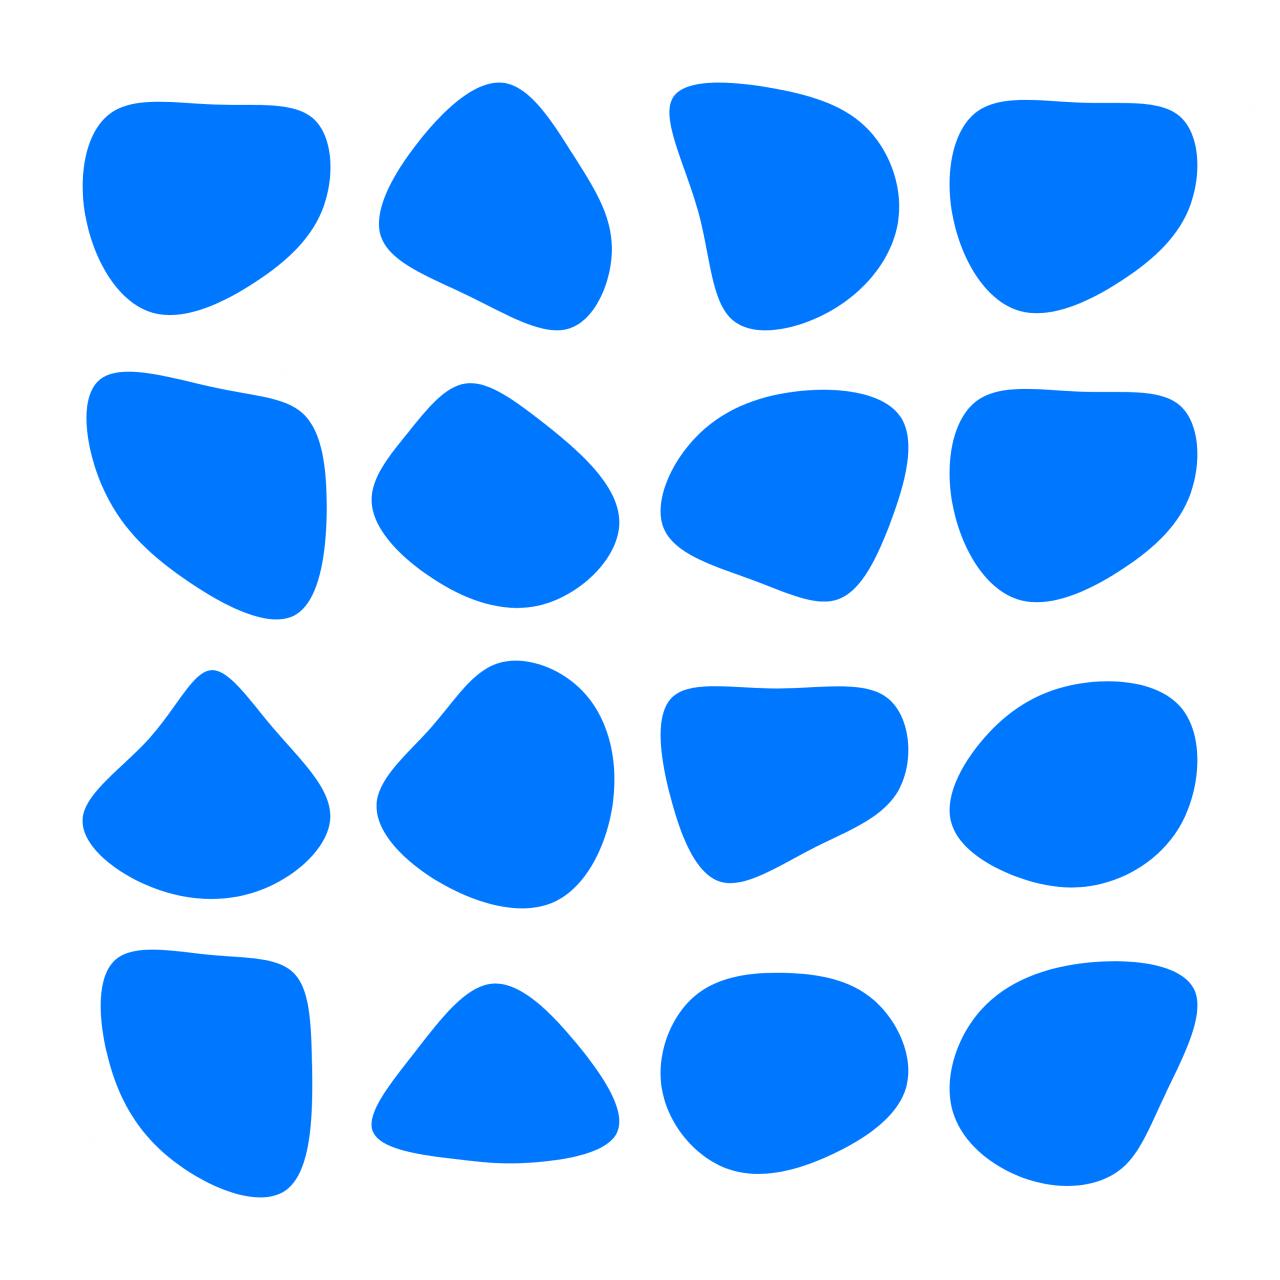 Různé tvary blobu, které jsem vygeneroval pomocí aplikace Blobmaker.